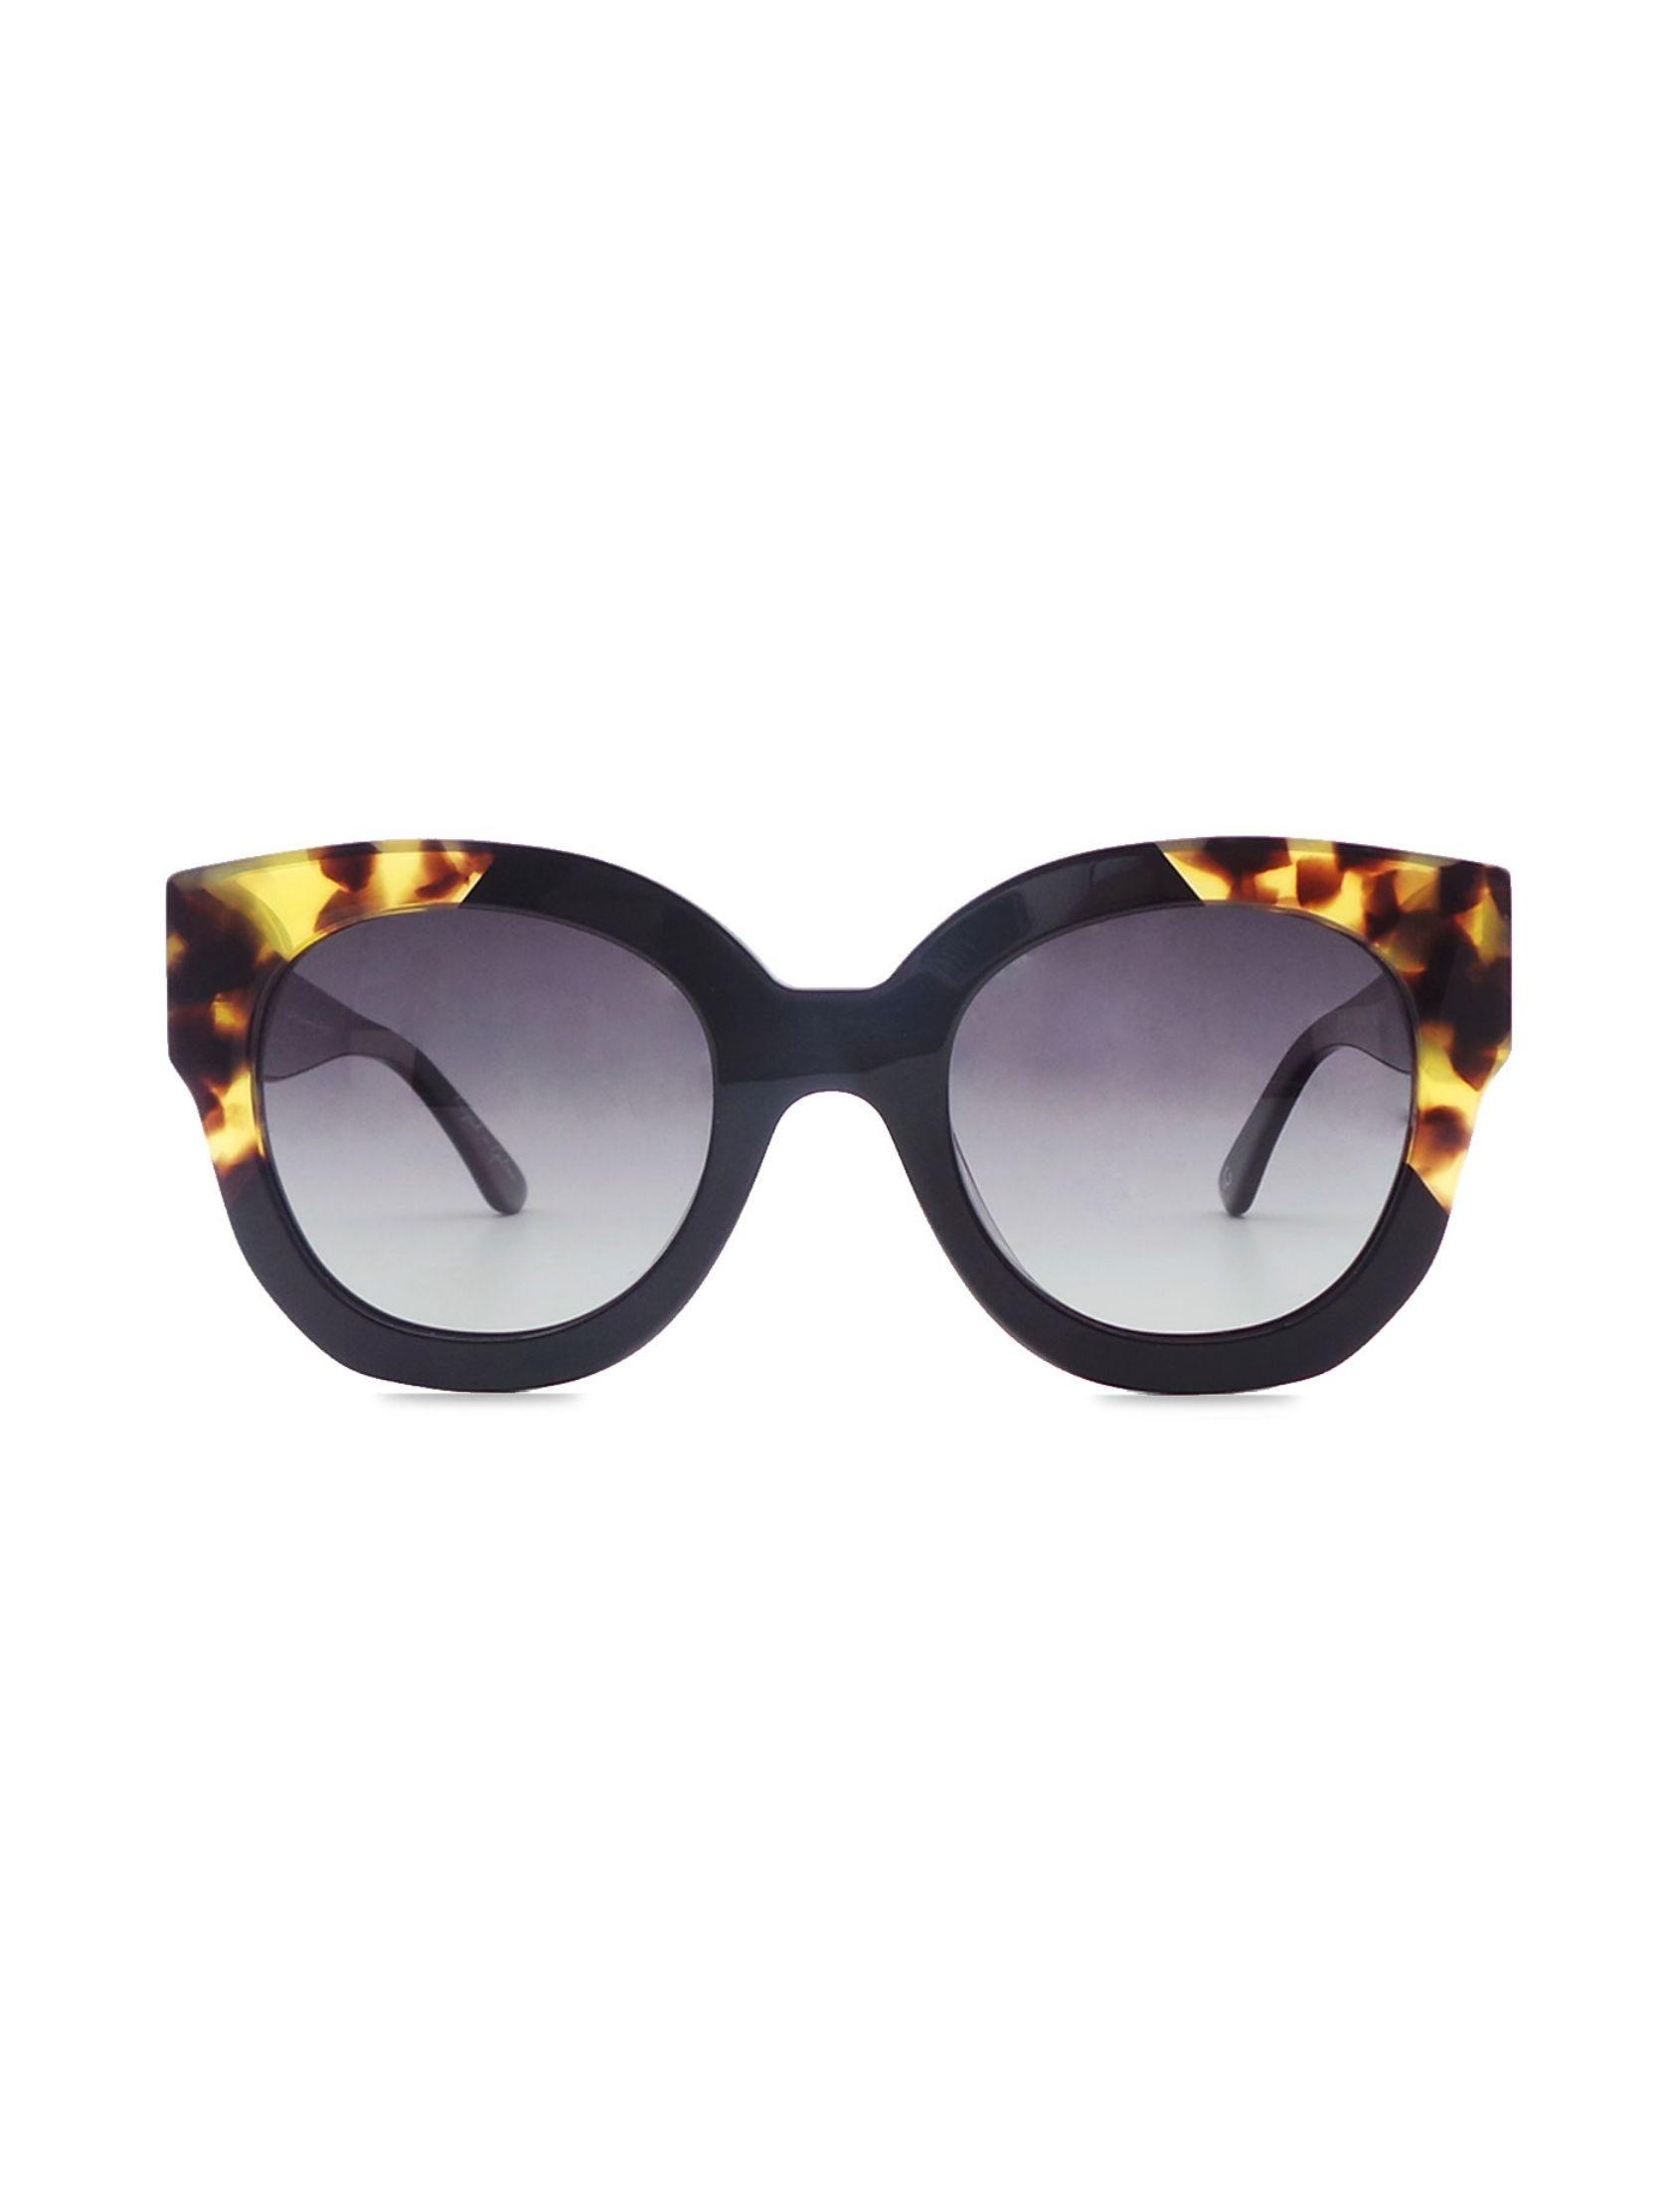 gafa gretel donna de pasta con lente polarizada negro y detalle carei en montura